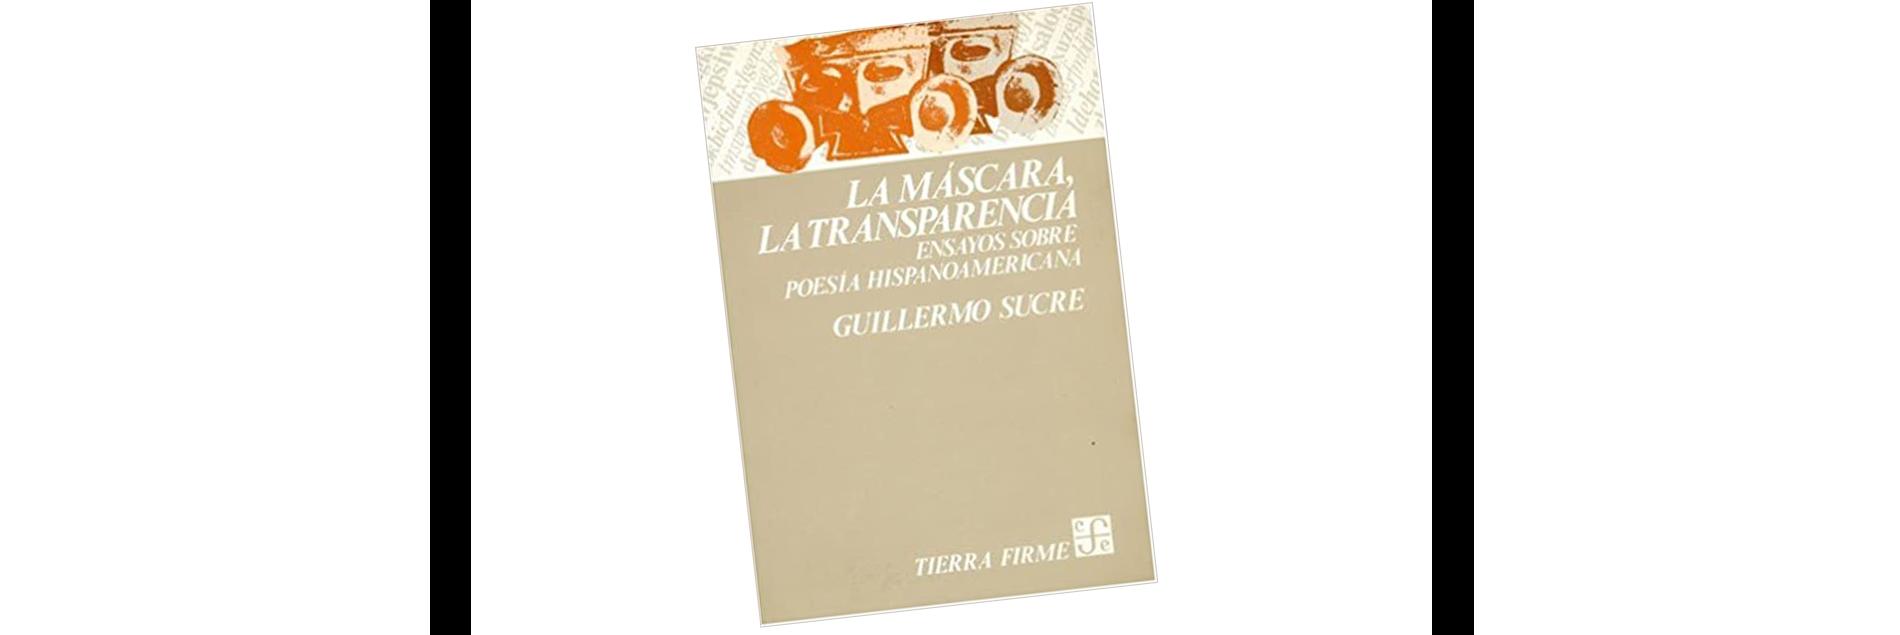 Libro de Guillermo Sucre La máscara La transparencia